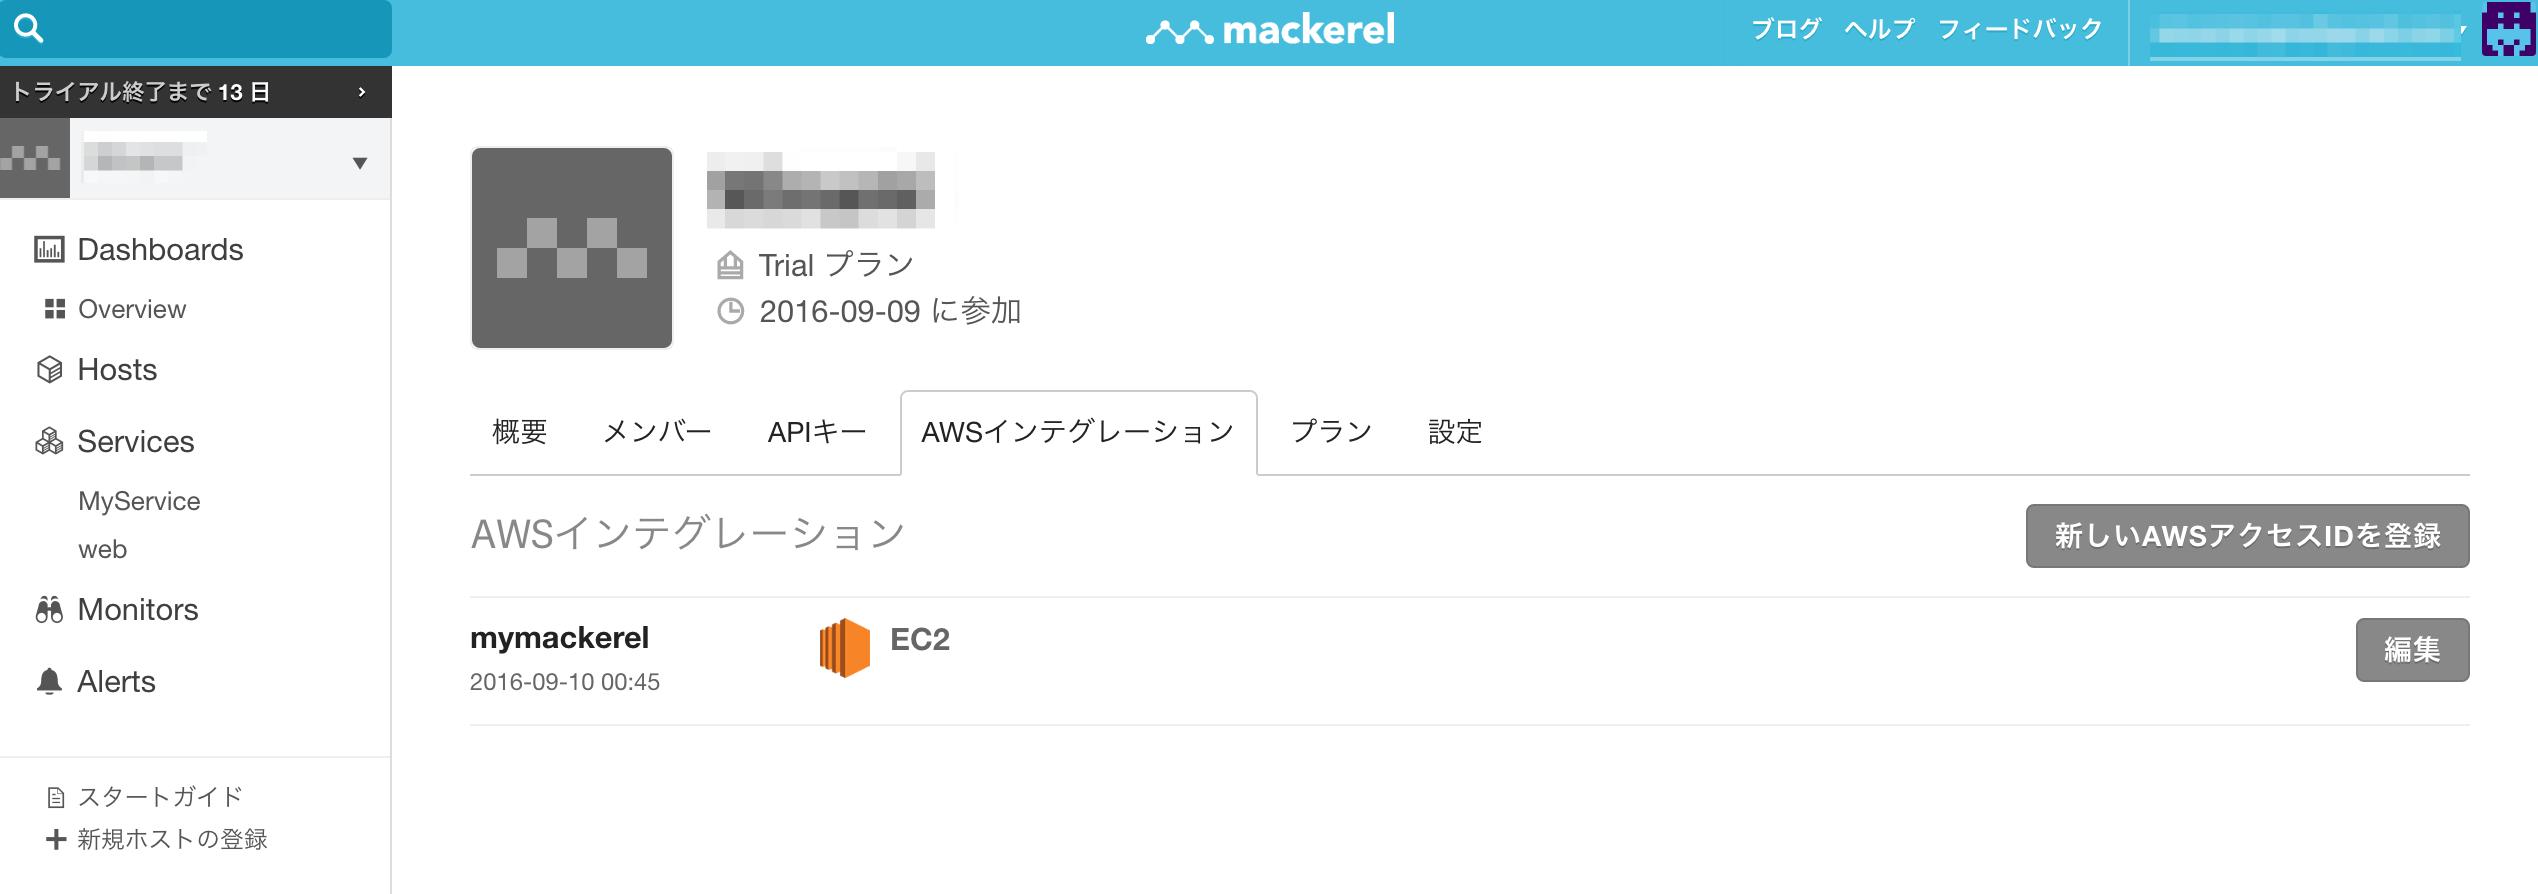 mackerel-aws